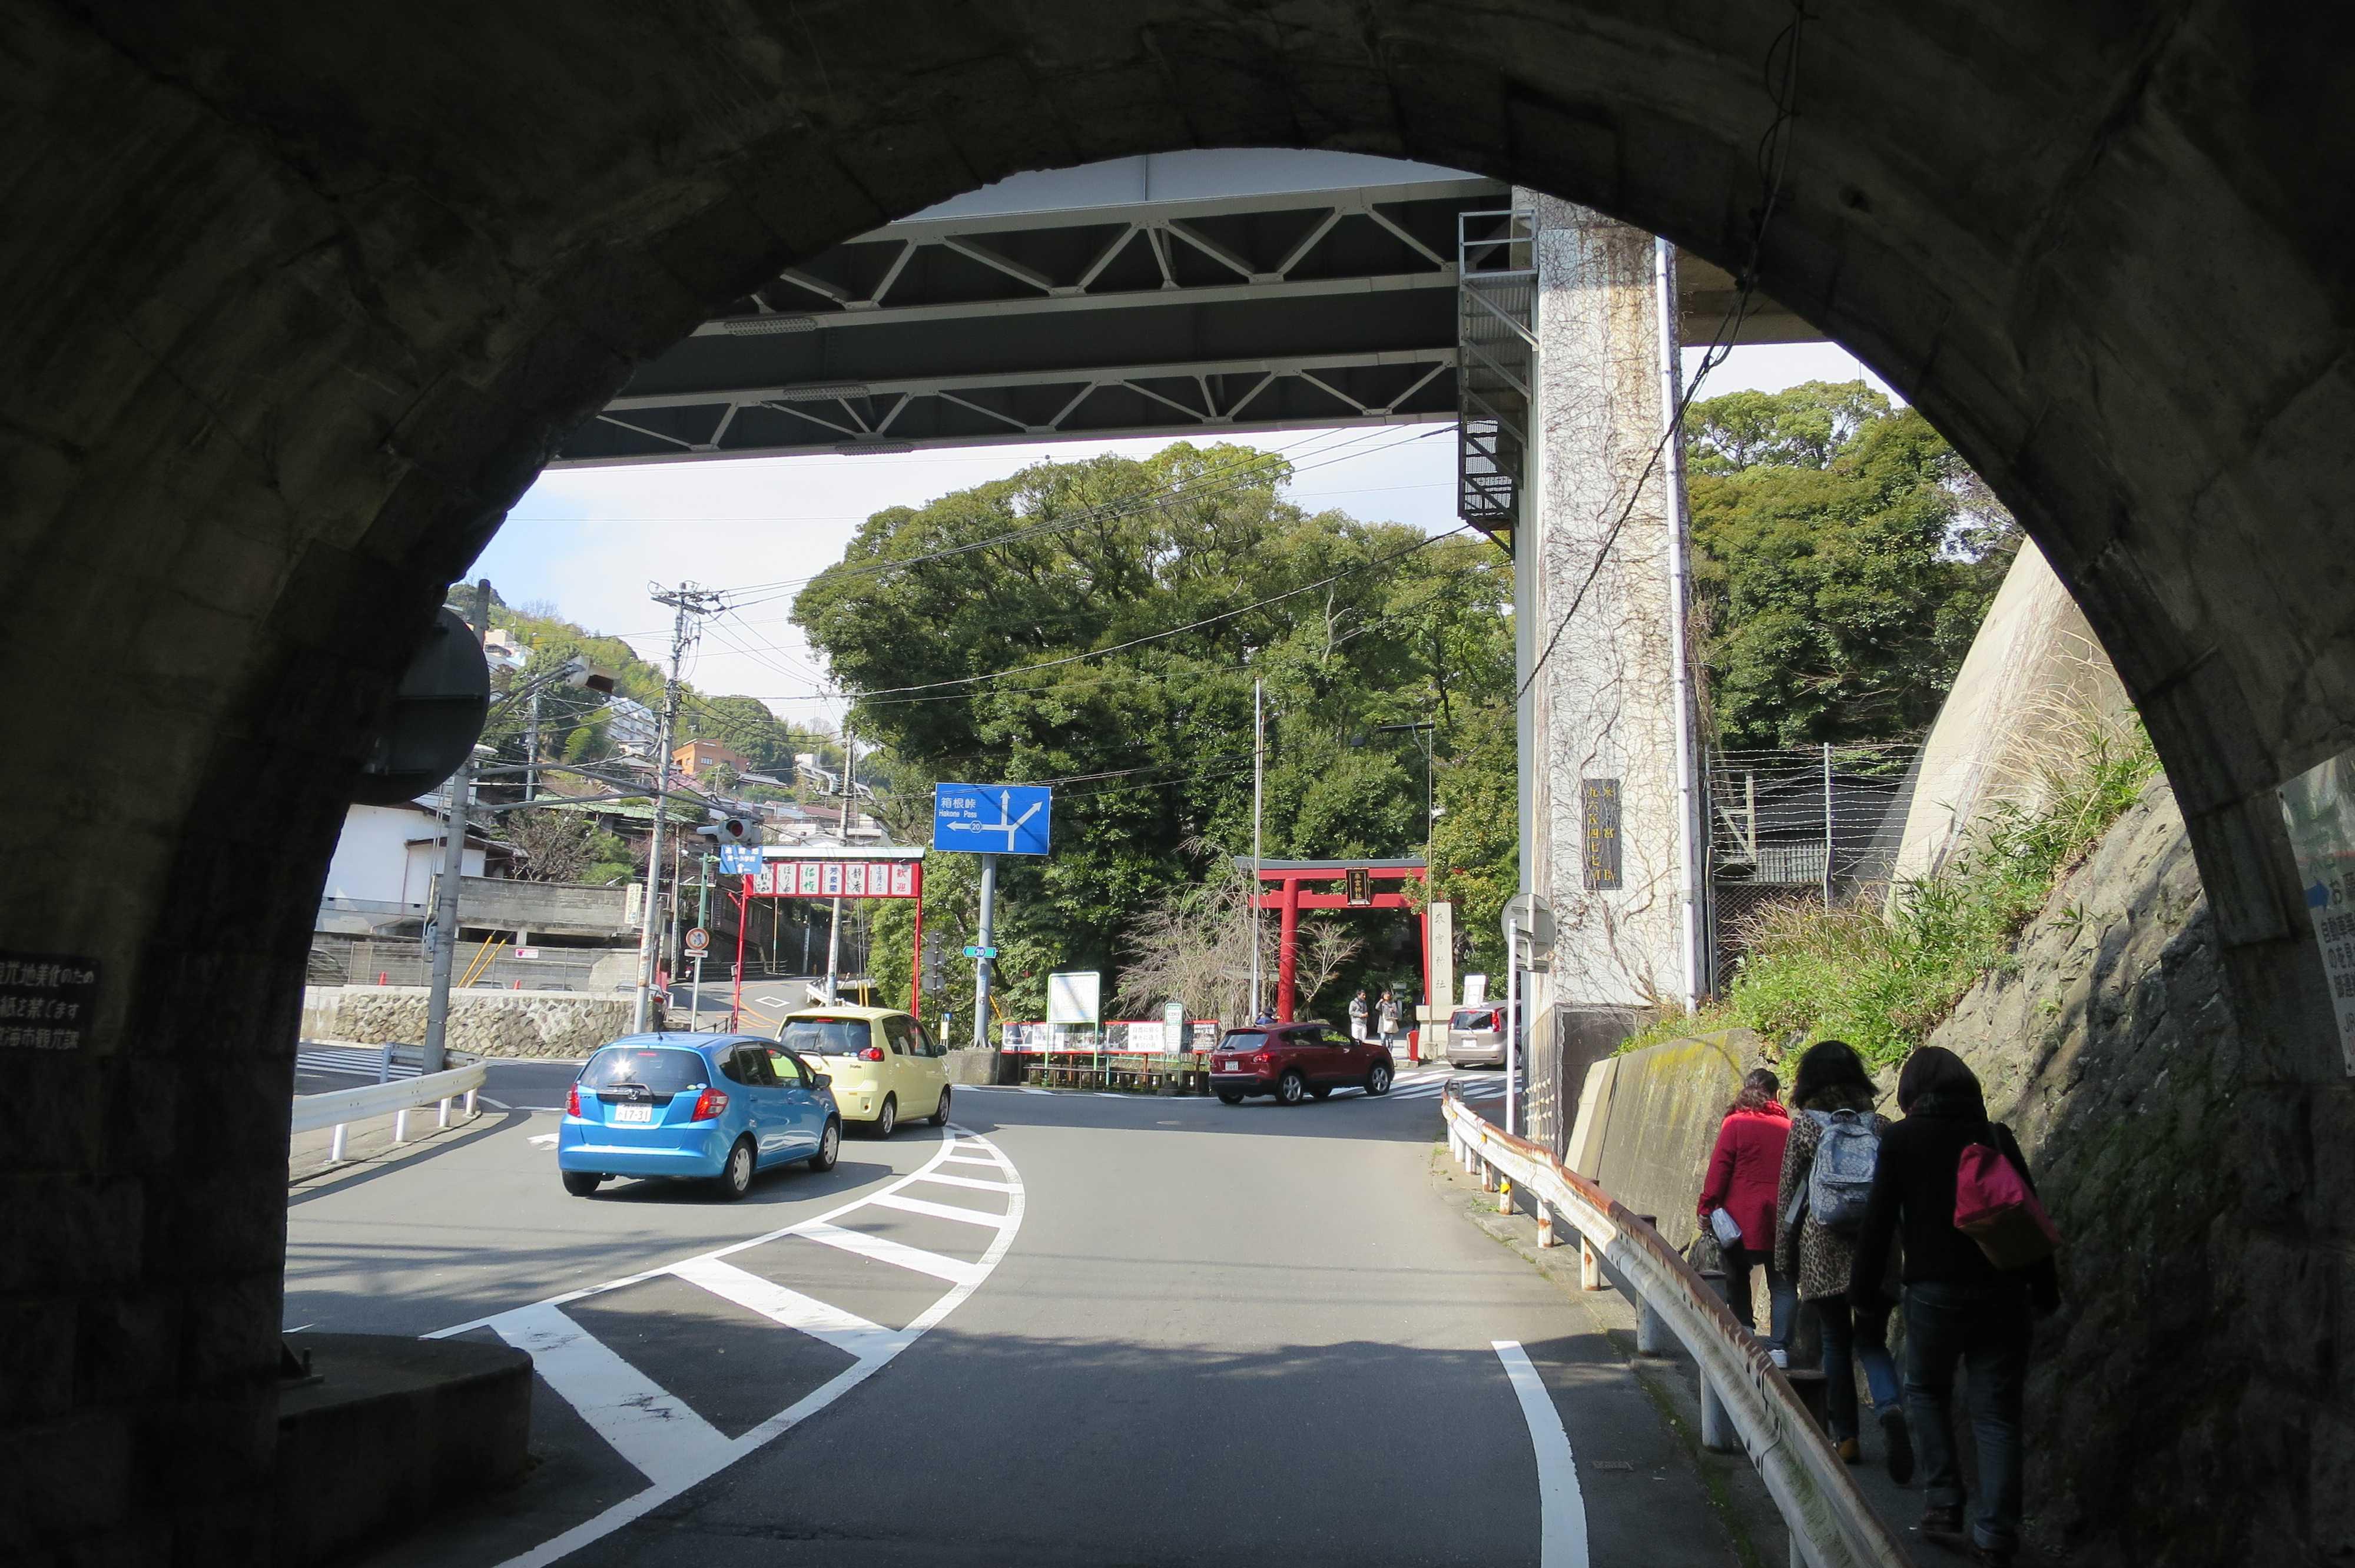 熱海 - 来宮神社の東海道線のトンネル